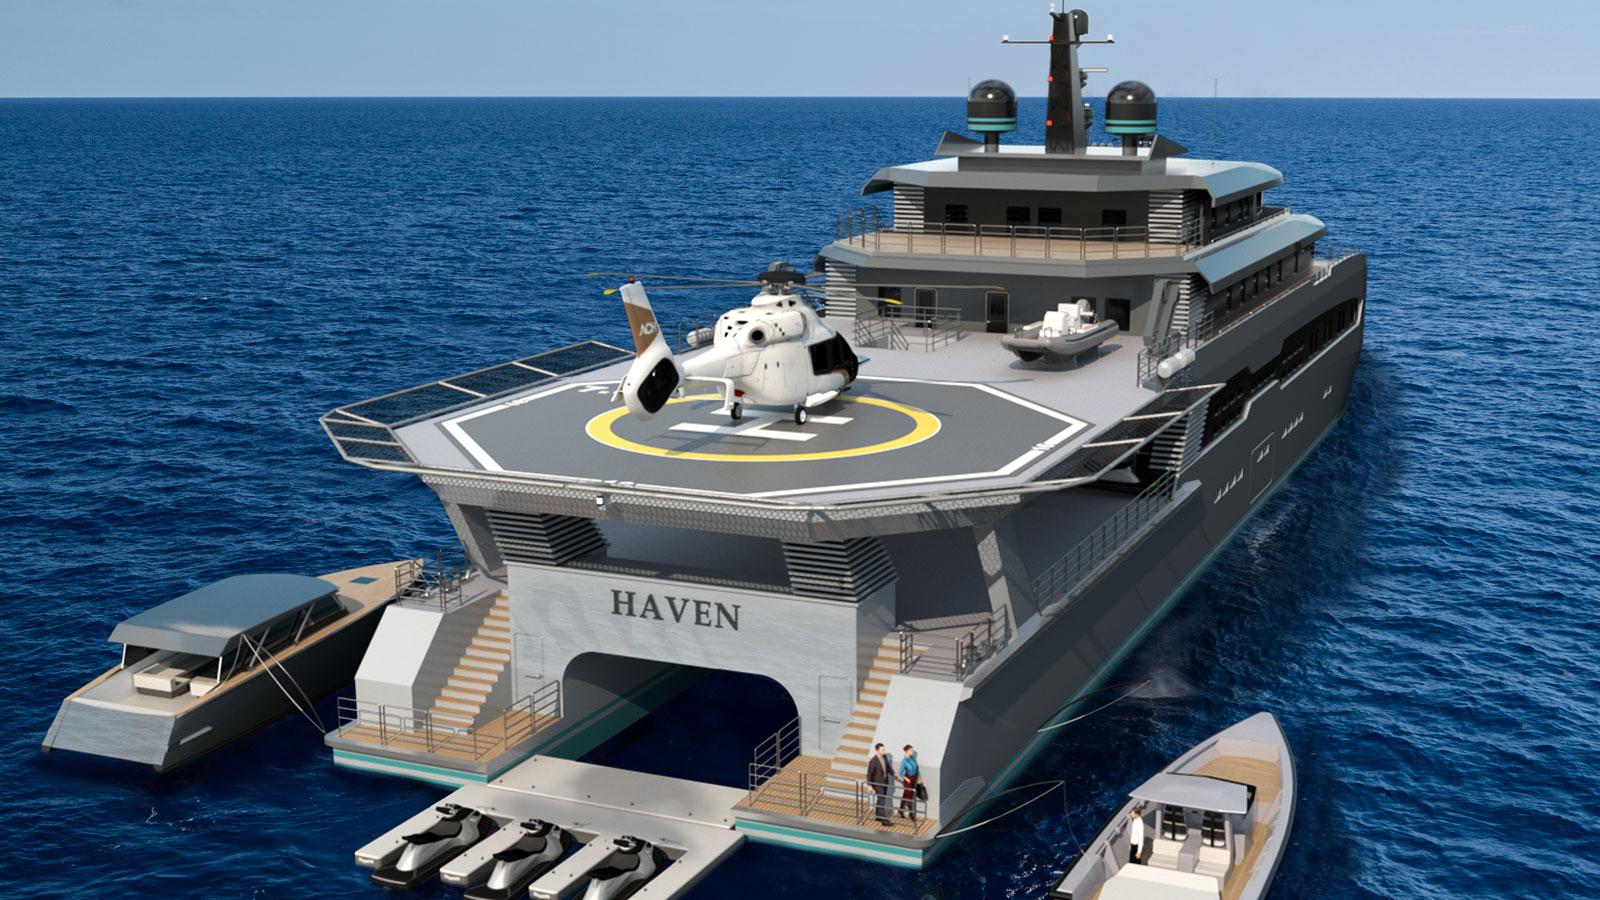 Haven superyacht